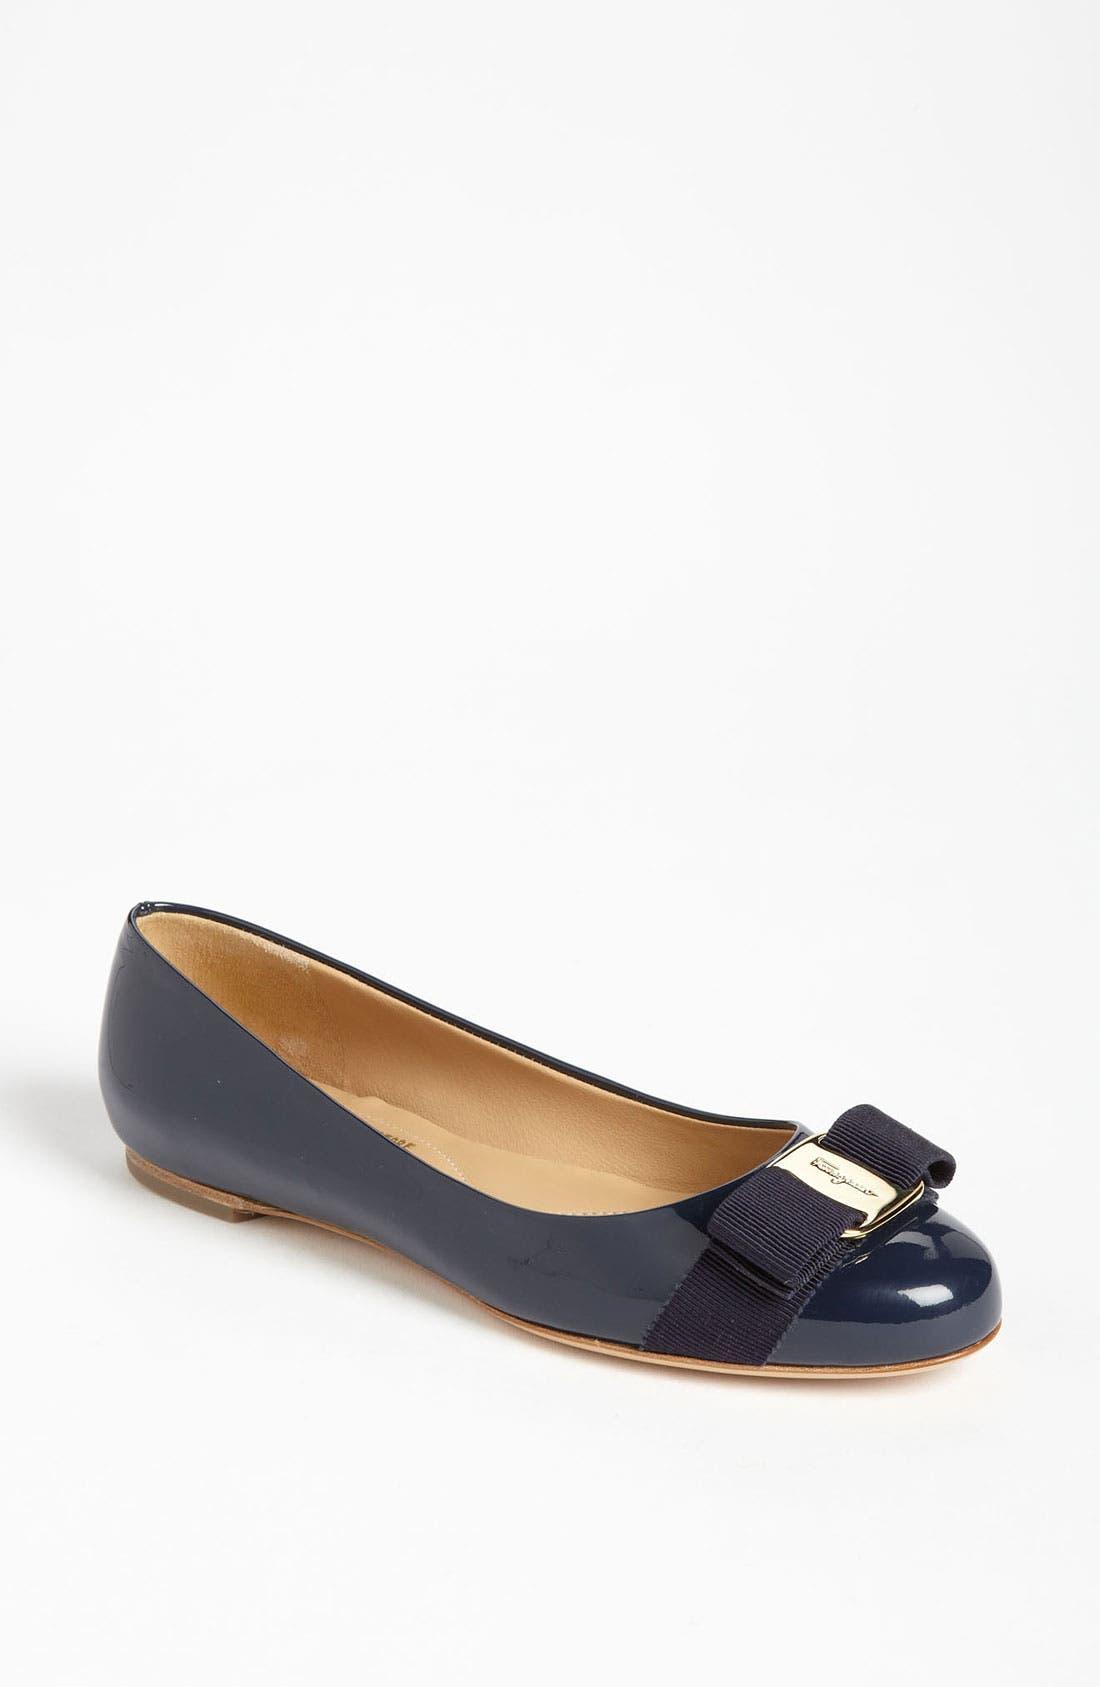 Salvatore Ferragamo 'Varina' Leather Flat (Women)